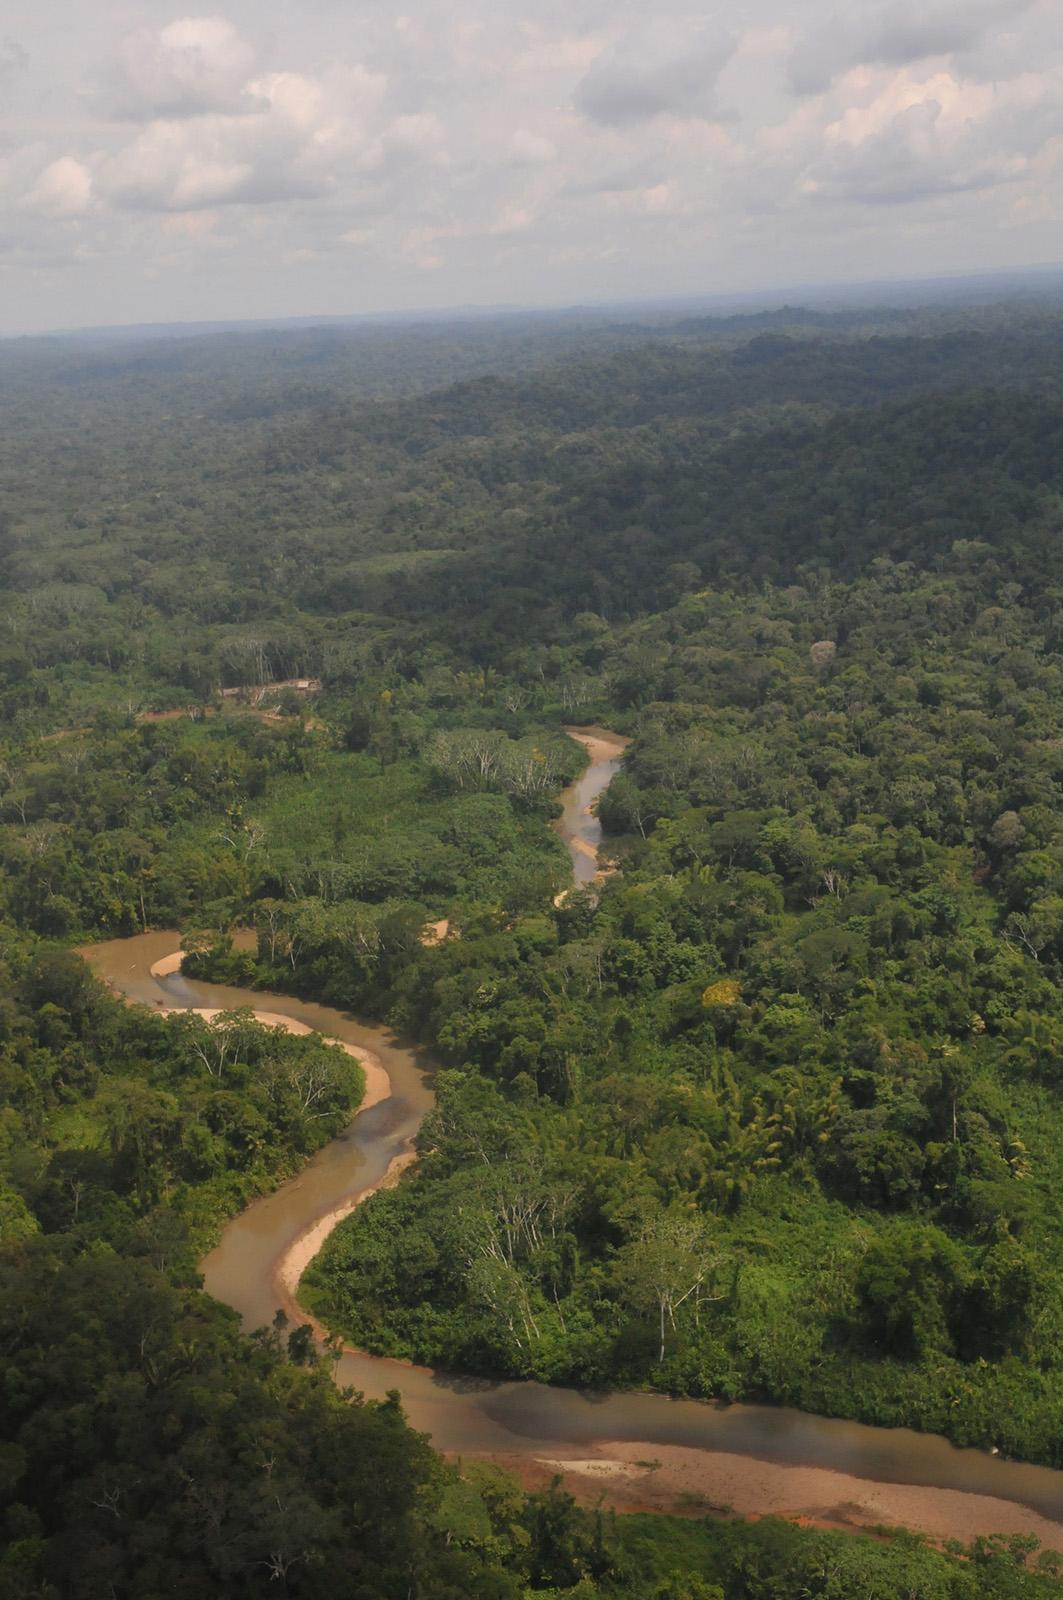 foto vanaf een hoge heuvel met uitzicht naar beneden van een kronkelende rivier in Ecuador